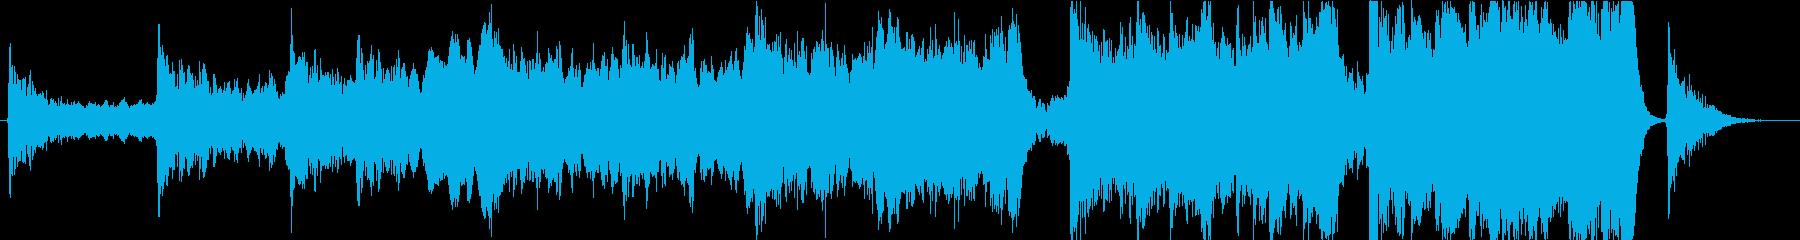 映画トレイラー系オーケストラ+シンセの再生済みの波形